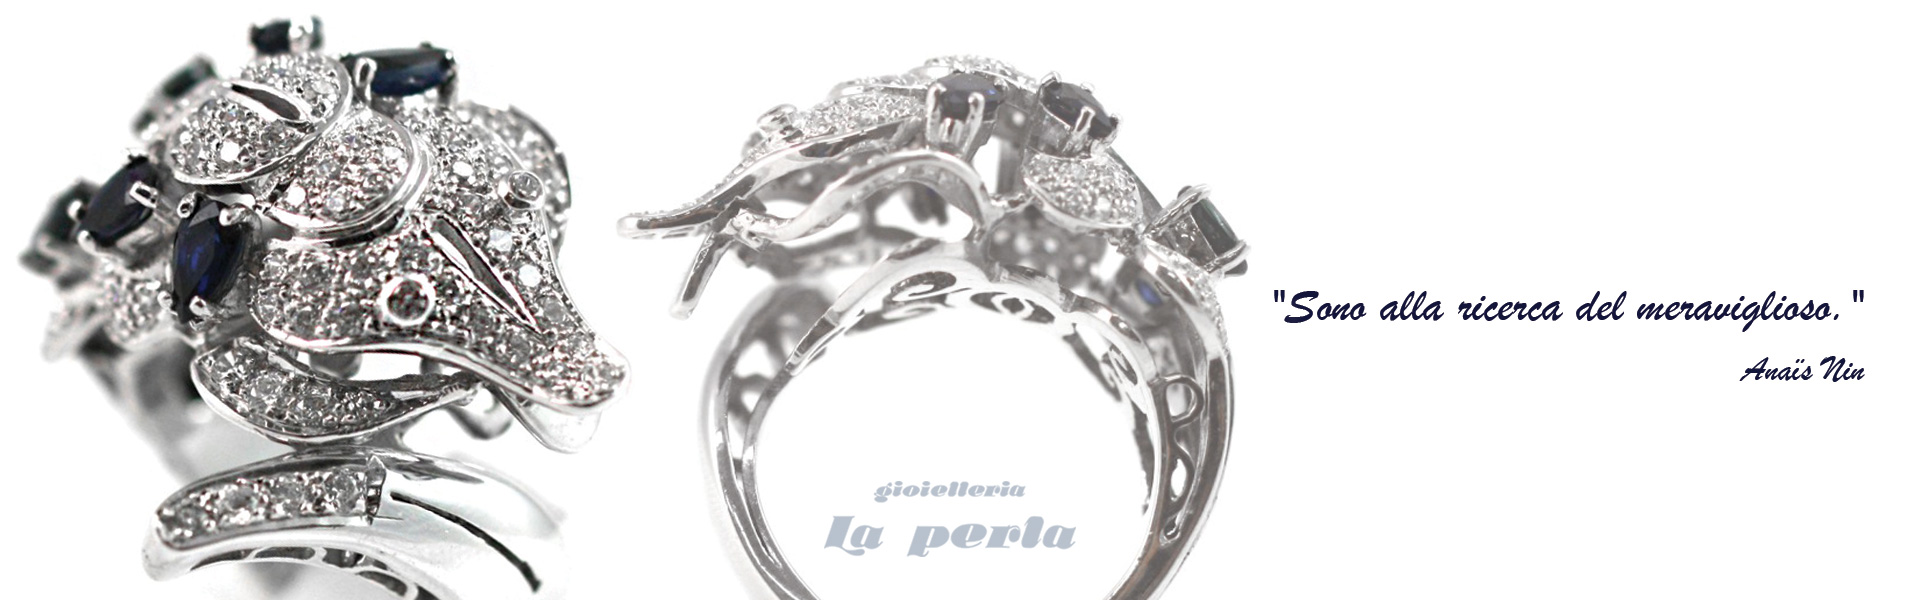 Gioielleria la Perla